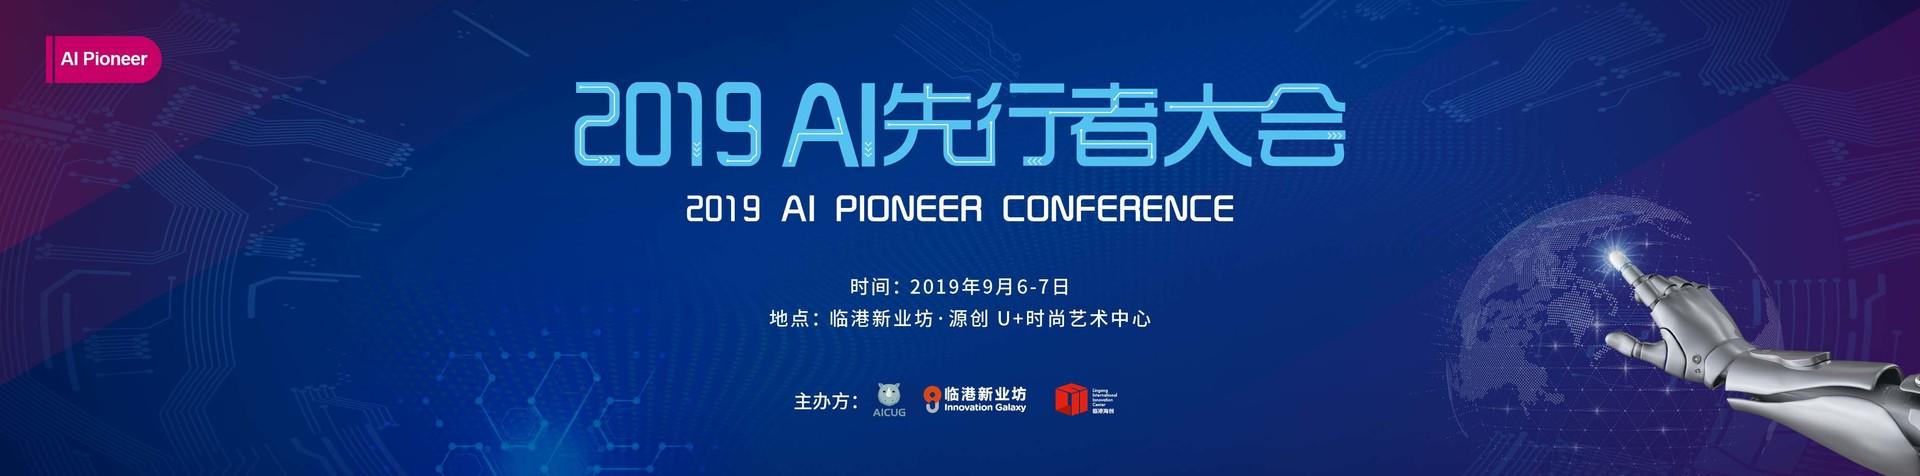 2019 AI先行者大会